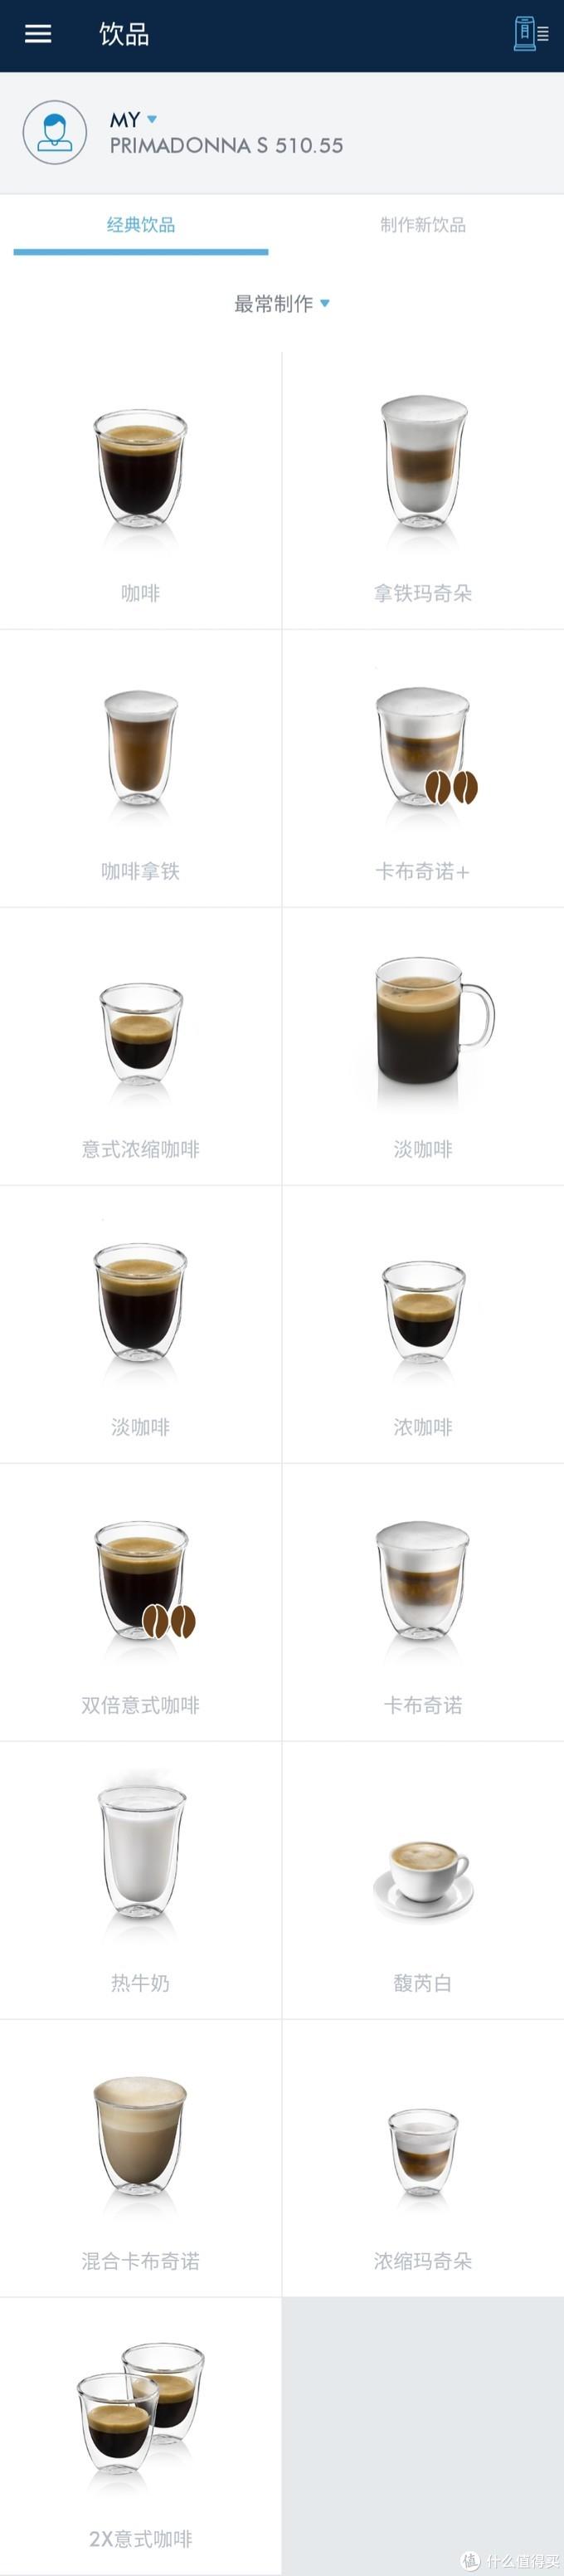 各种口味的咖啡饮品可供选择